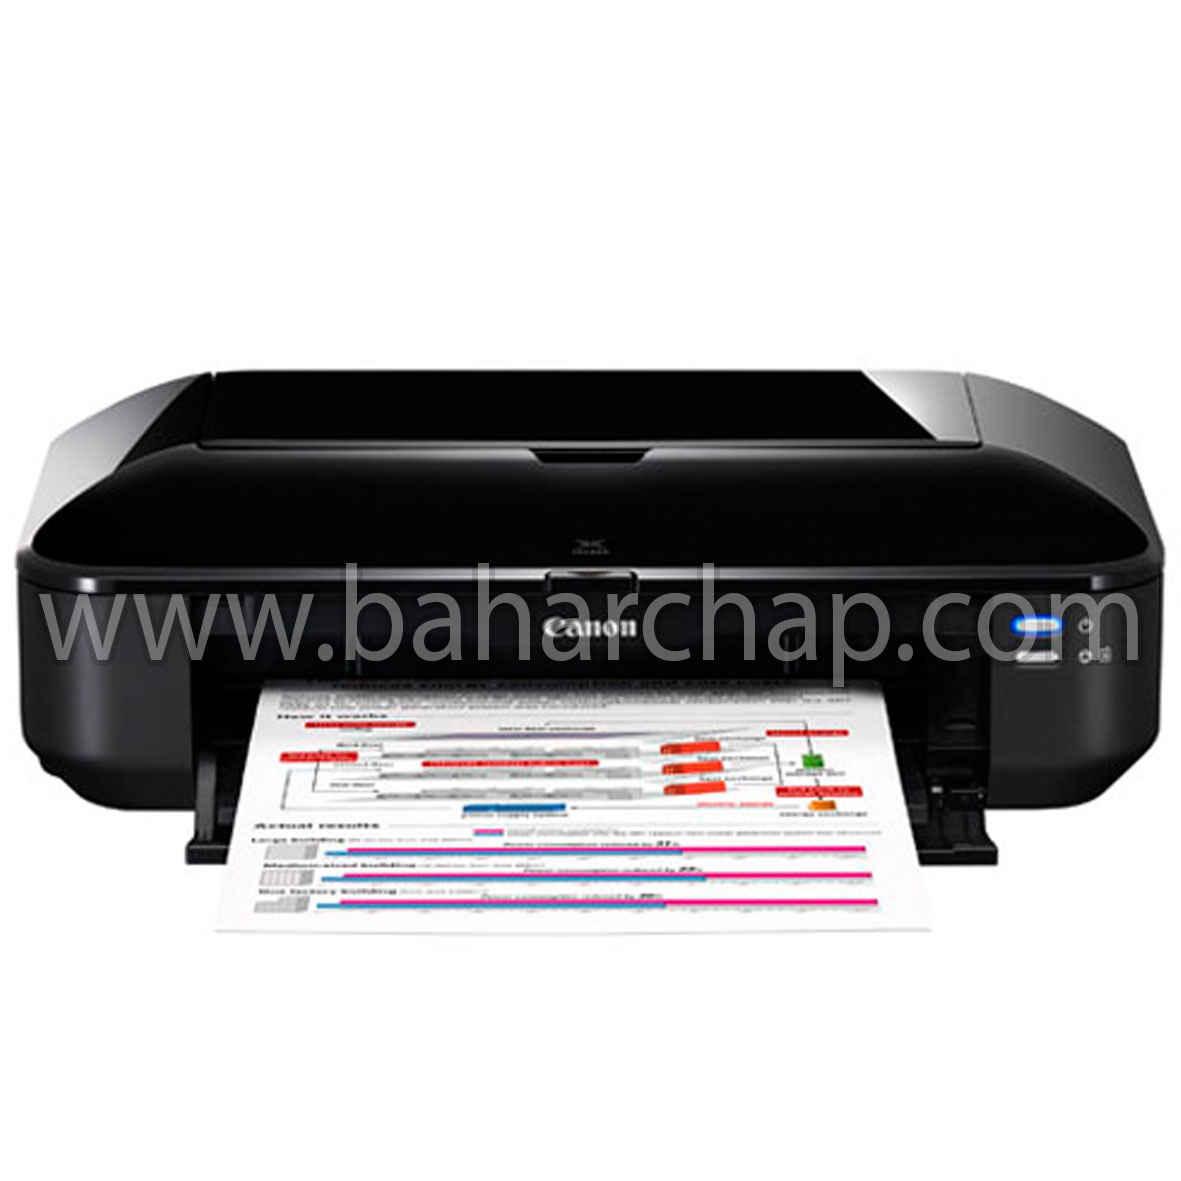 فروشگاه و خدمات اینترنتی بهارچاپ اصفهان-دانلود نرم افزار ریست پرینتر Canon IX6510-Reset canon by ST4905